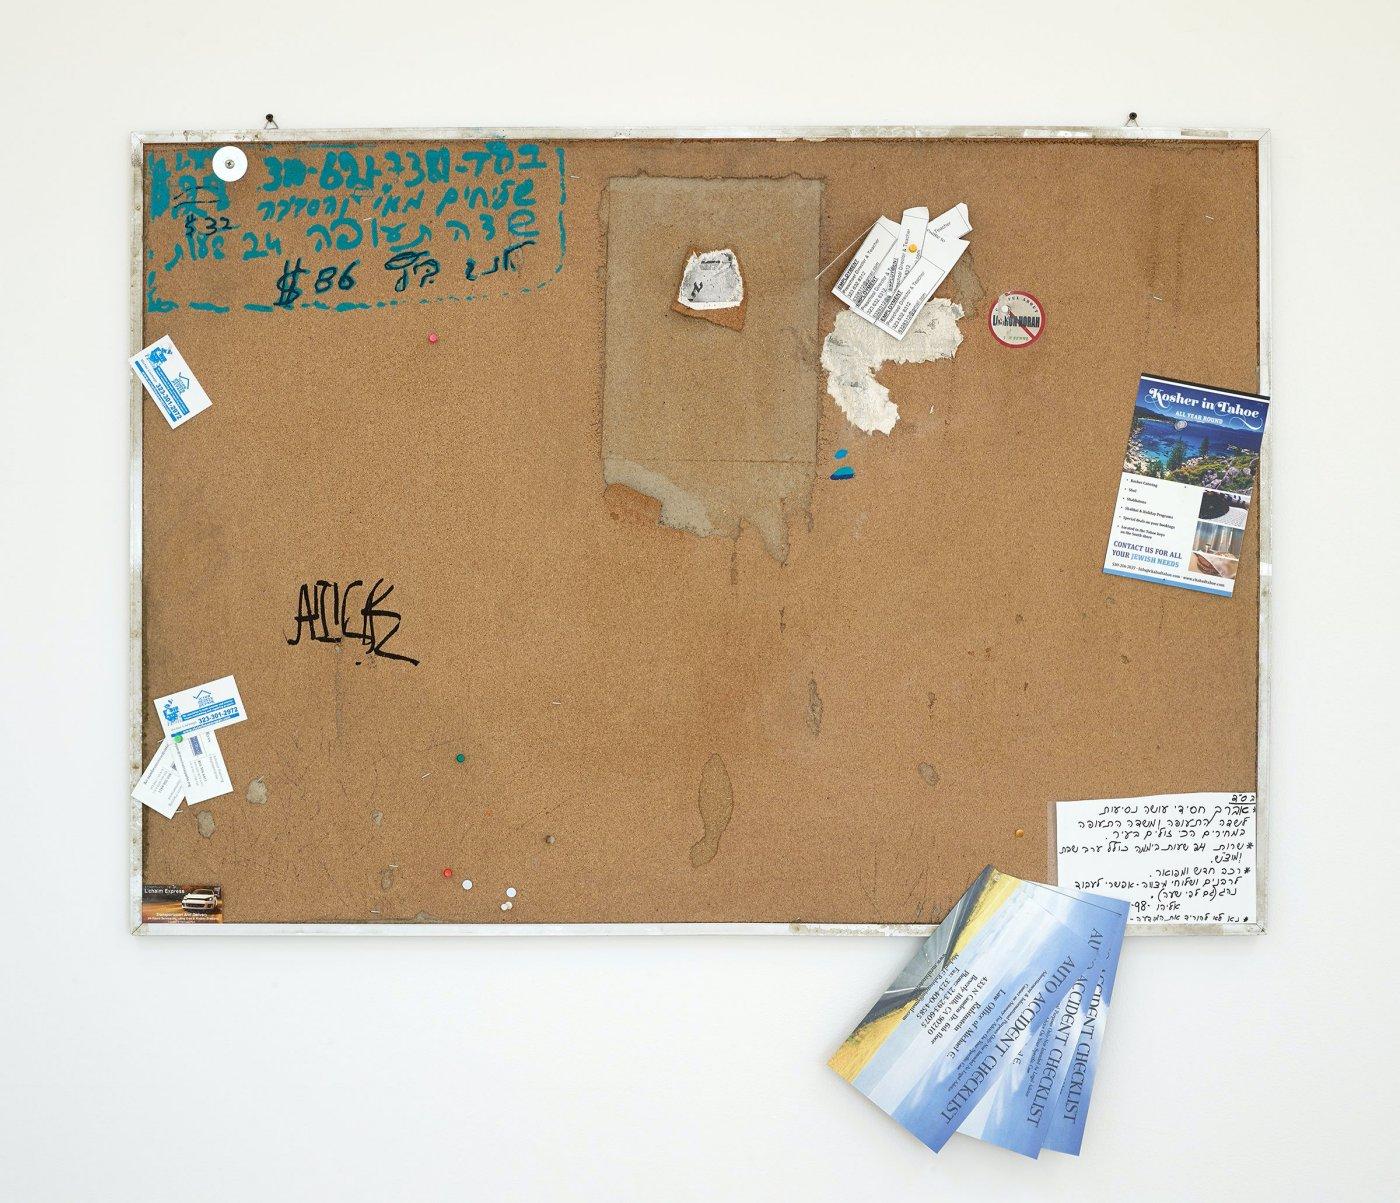 Community Notice Board (La Brea)